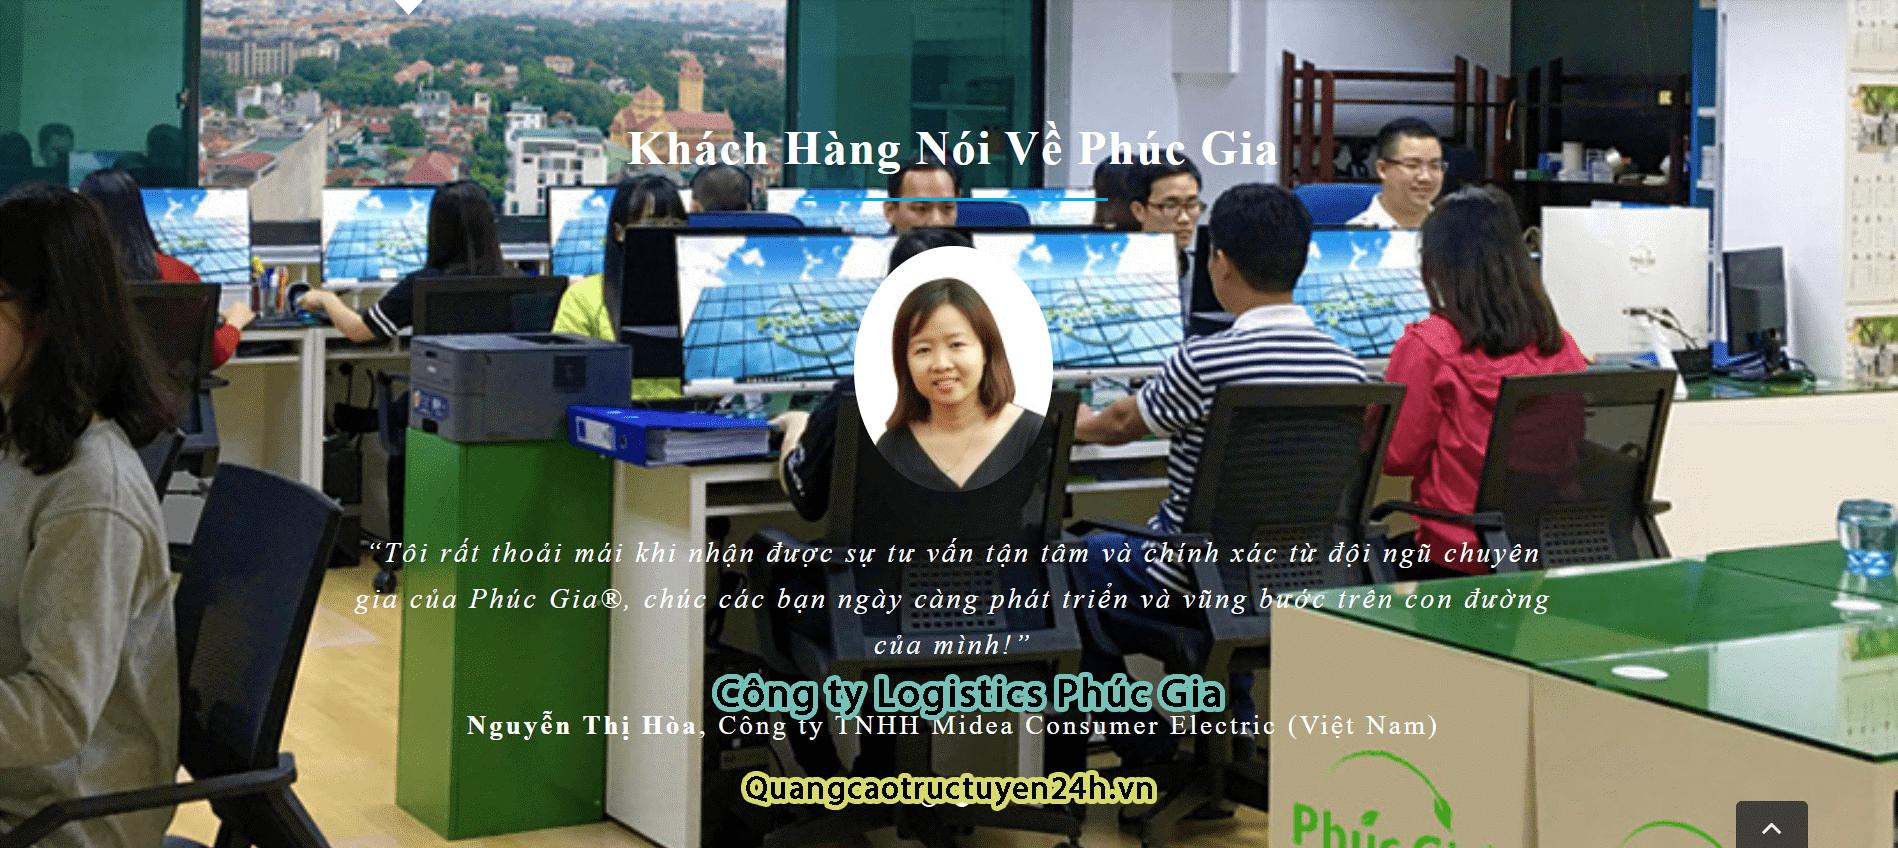 Phuc Gia Union Corporation – Công Ty Logistics Tại Hà Nội